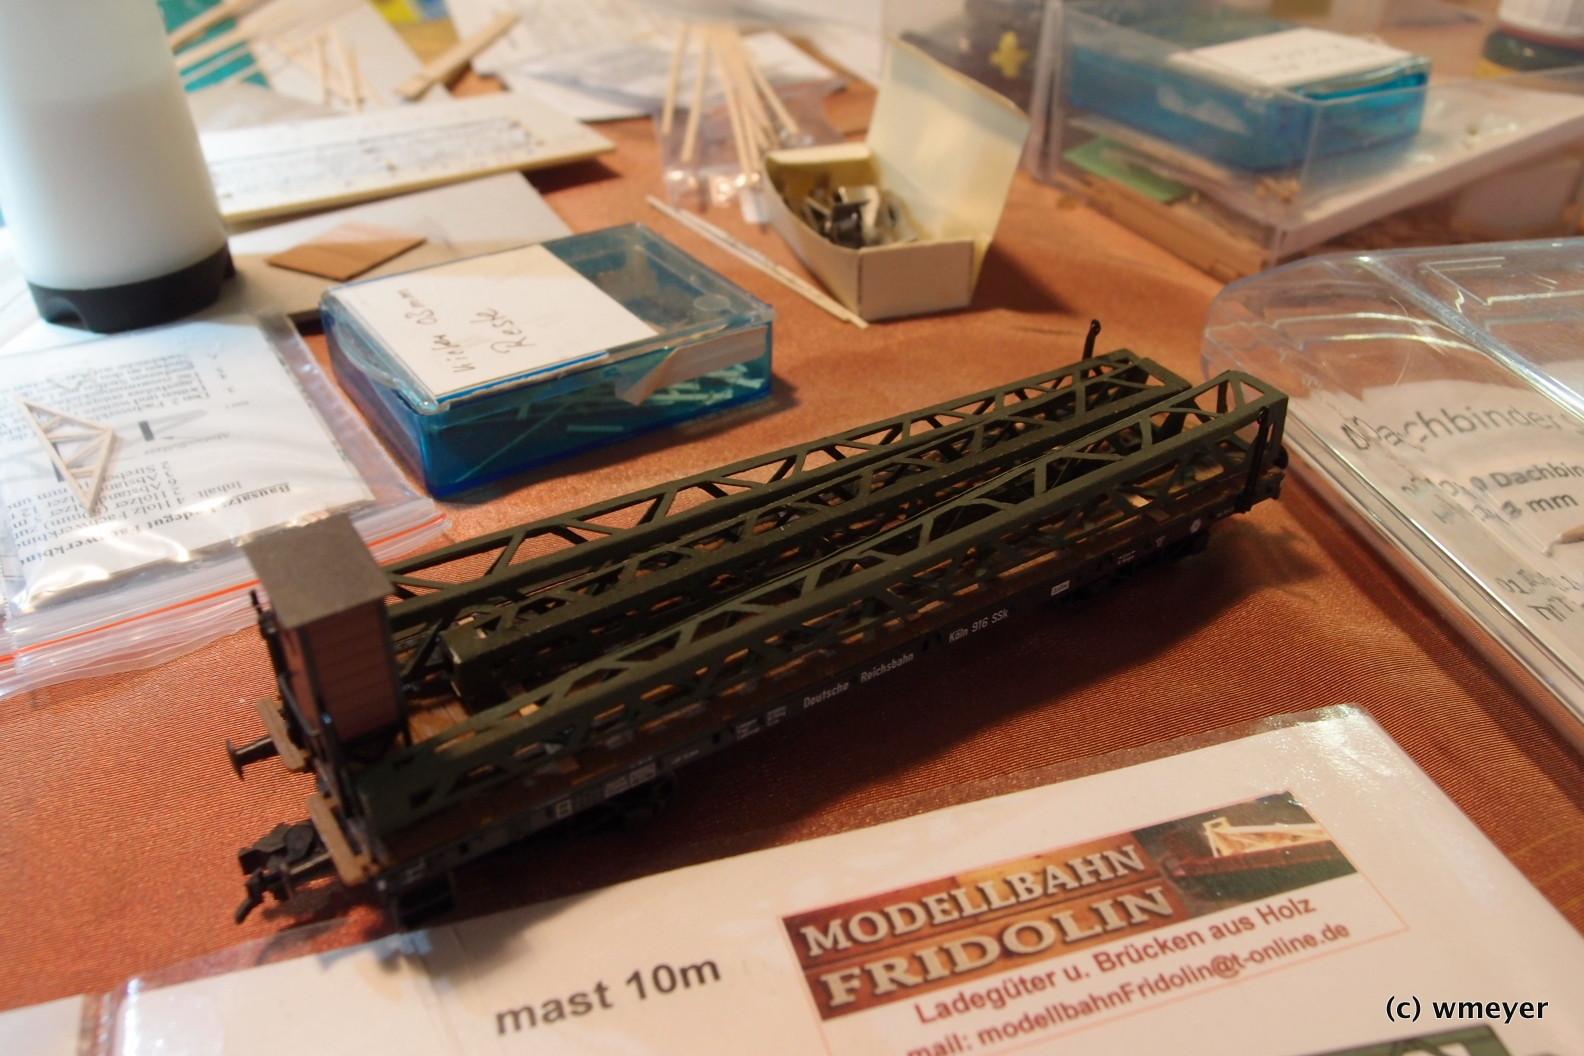 Modellbahn Fridolin